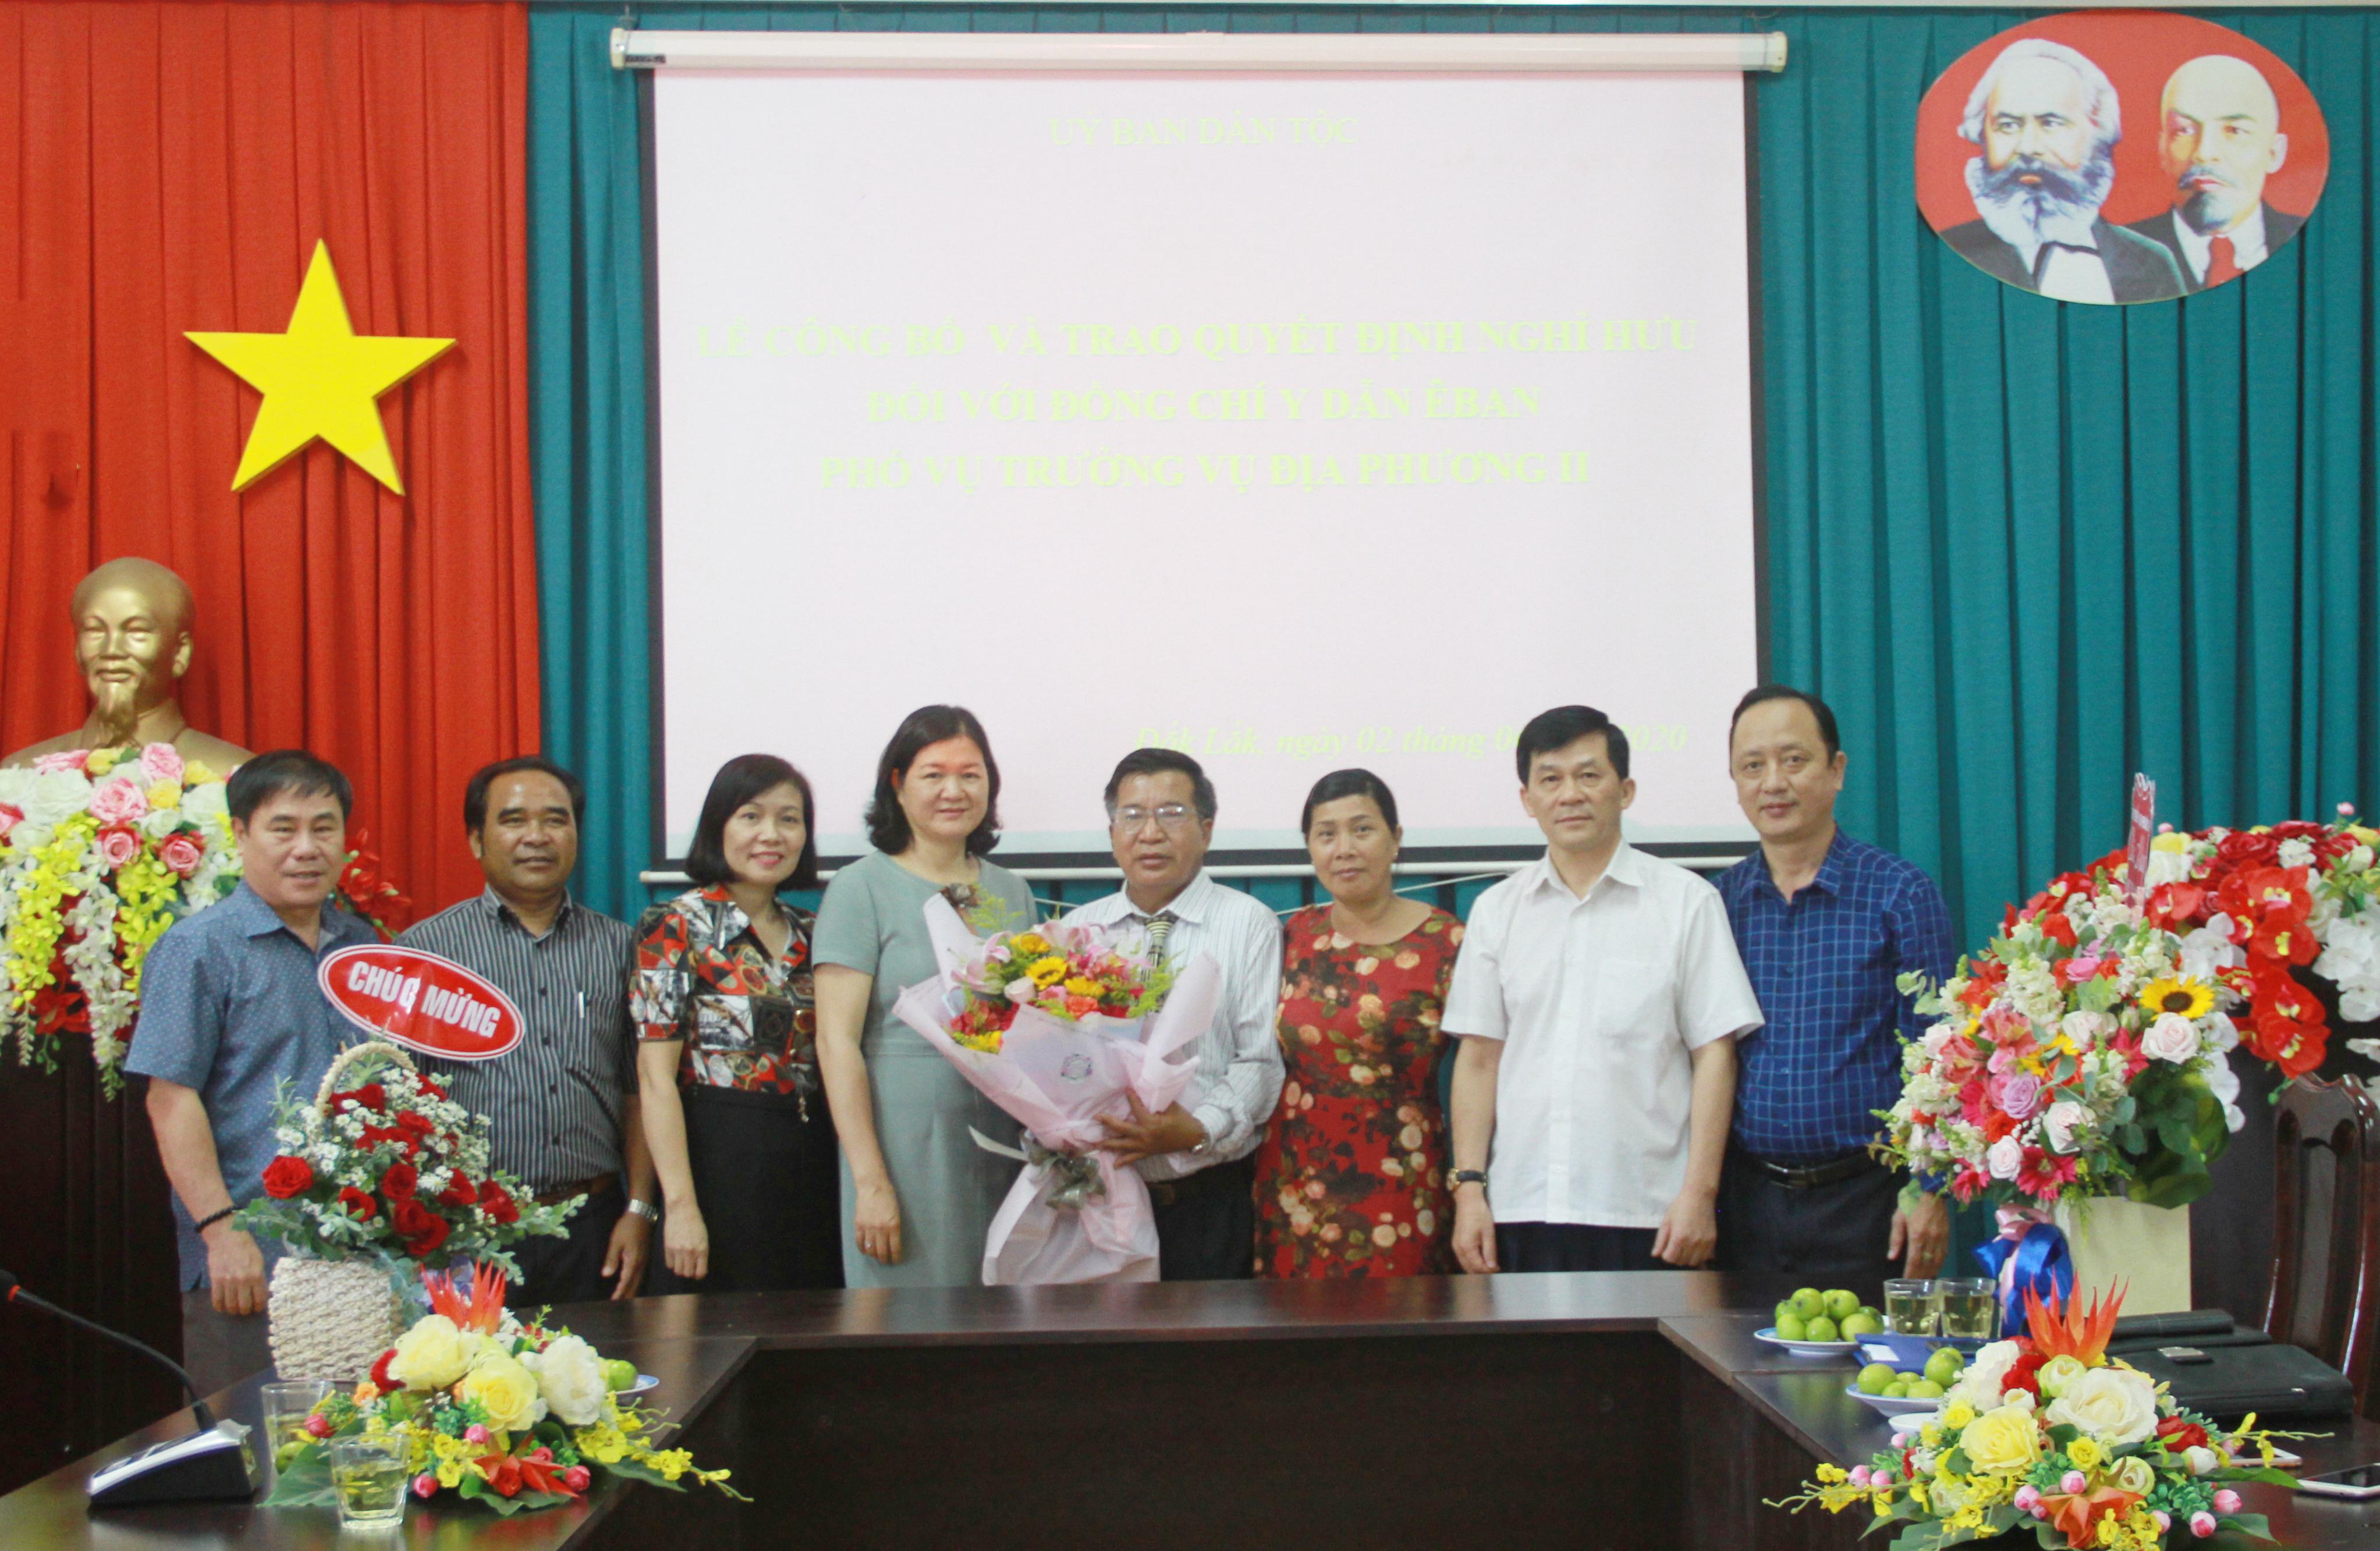 Ông Y Dẫn Êban chụp ảnh lưu niệm cùng Thứ trưởng, Phó Chủ nhiệm UBDT Nông Quốc Tuấn và lãnh đạo các Vụ của UBDT